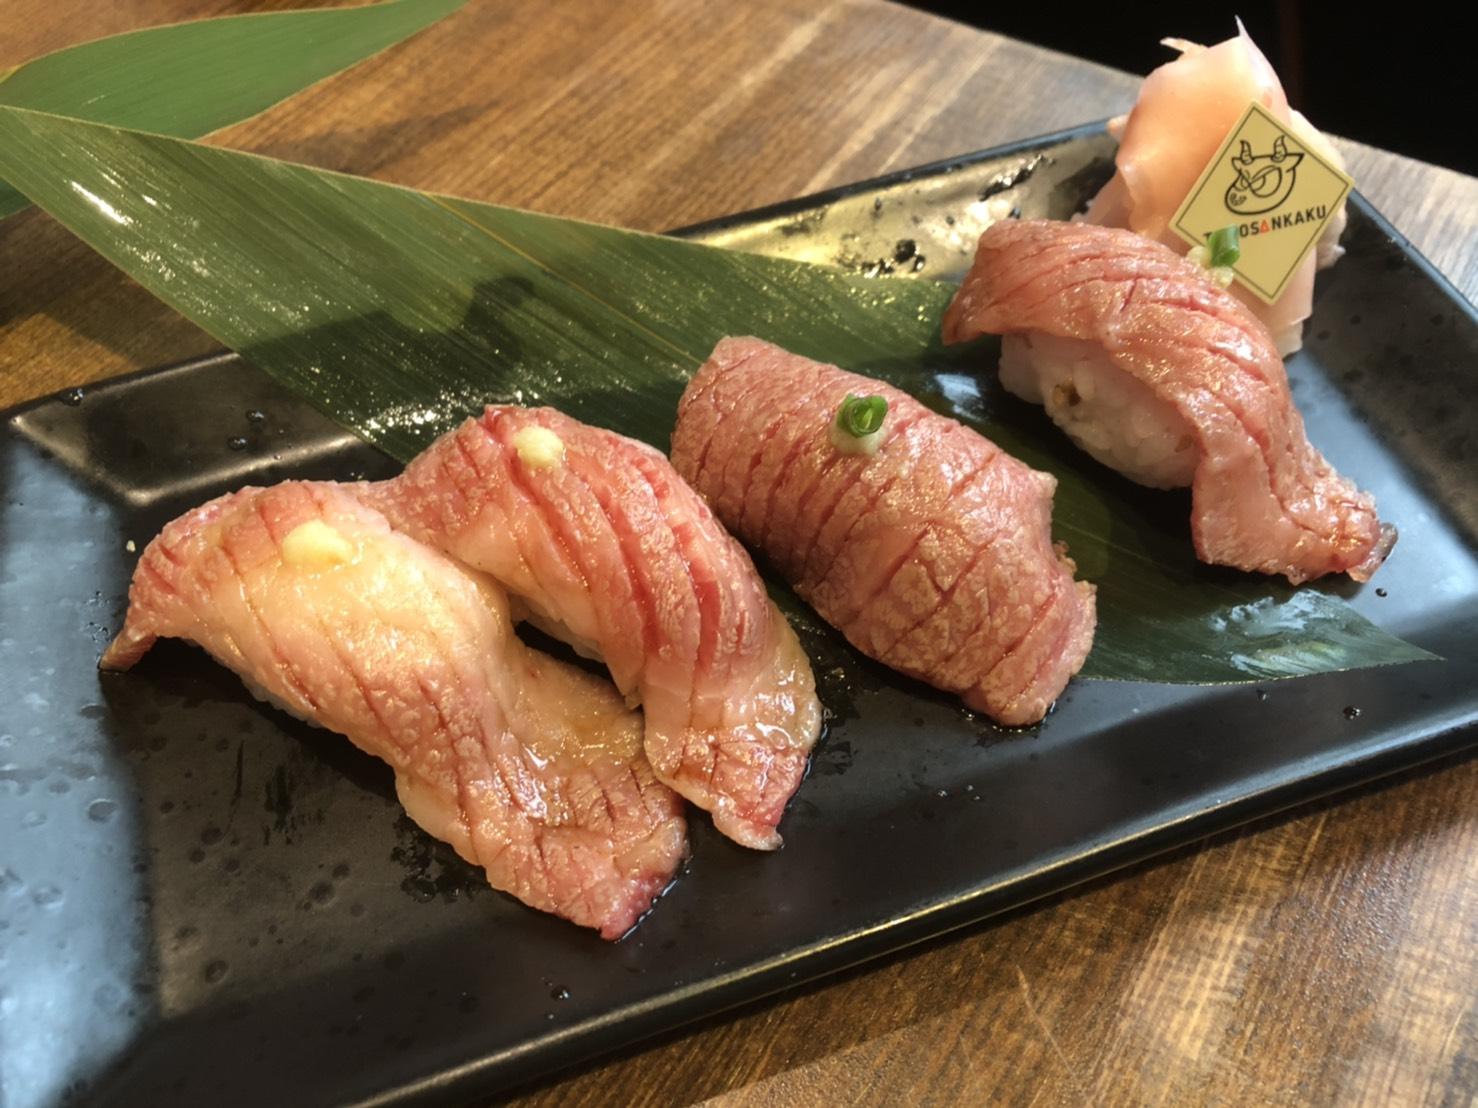 船橋 焼肉 ともさんかく 肉寿司